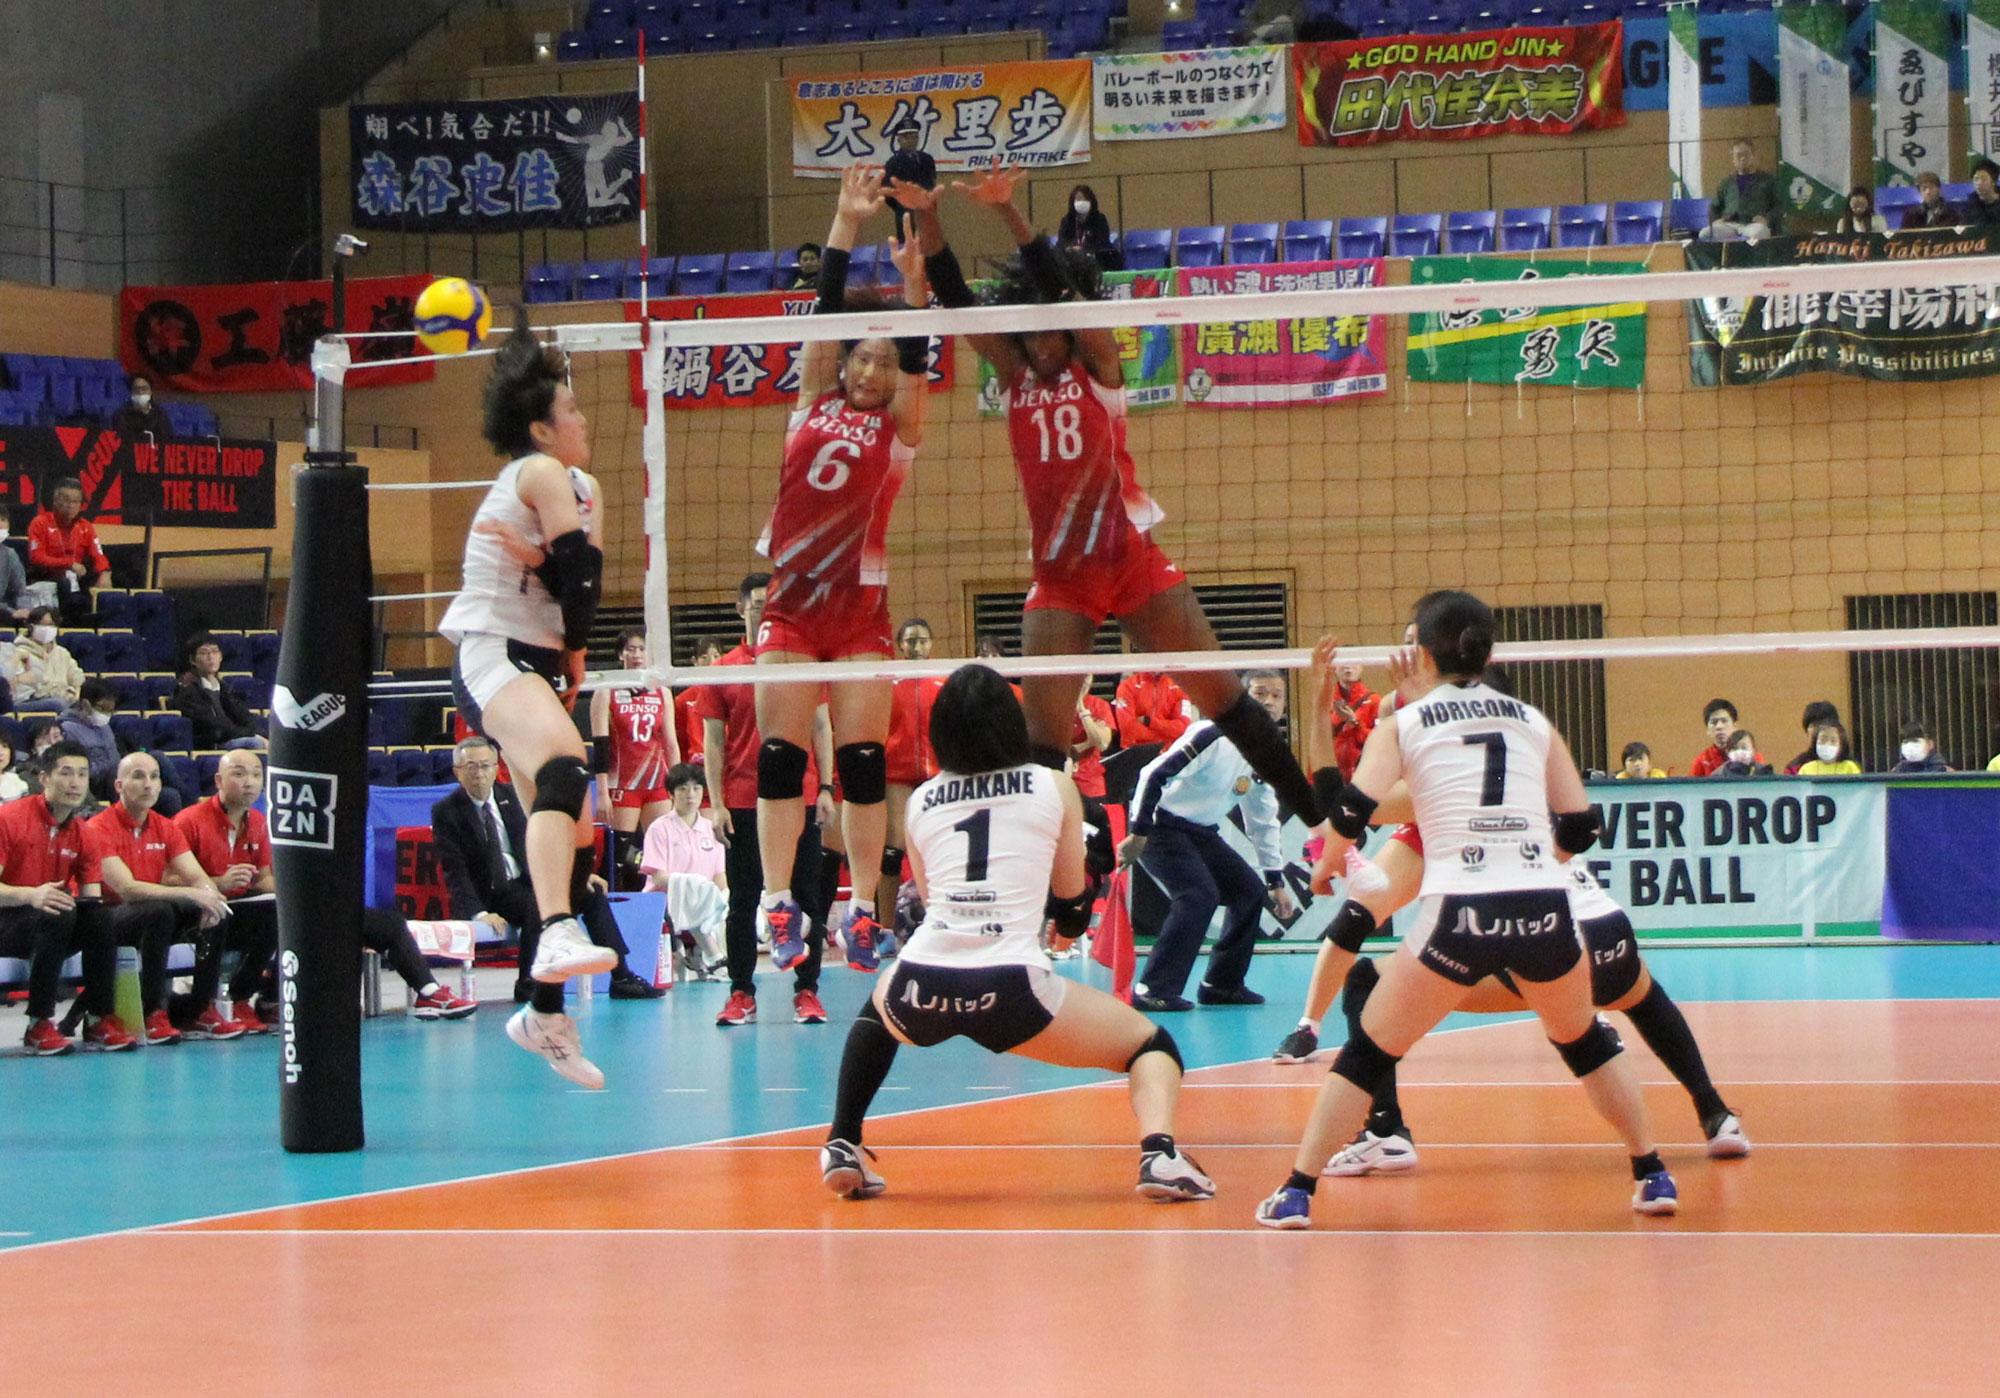 2019.12.14 アダストリアみとアリーナ(茨城県) vs デンソー